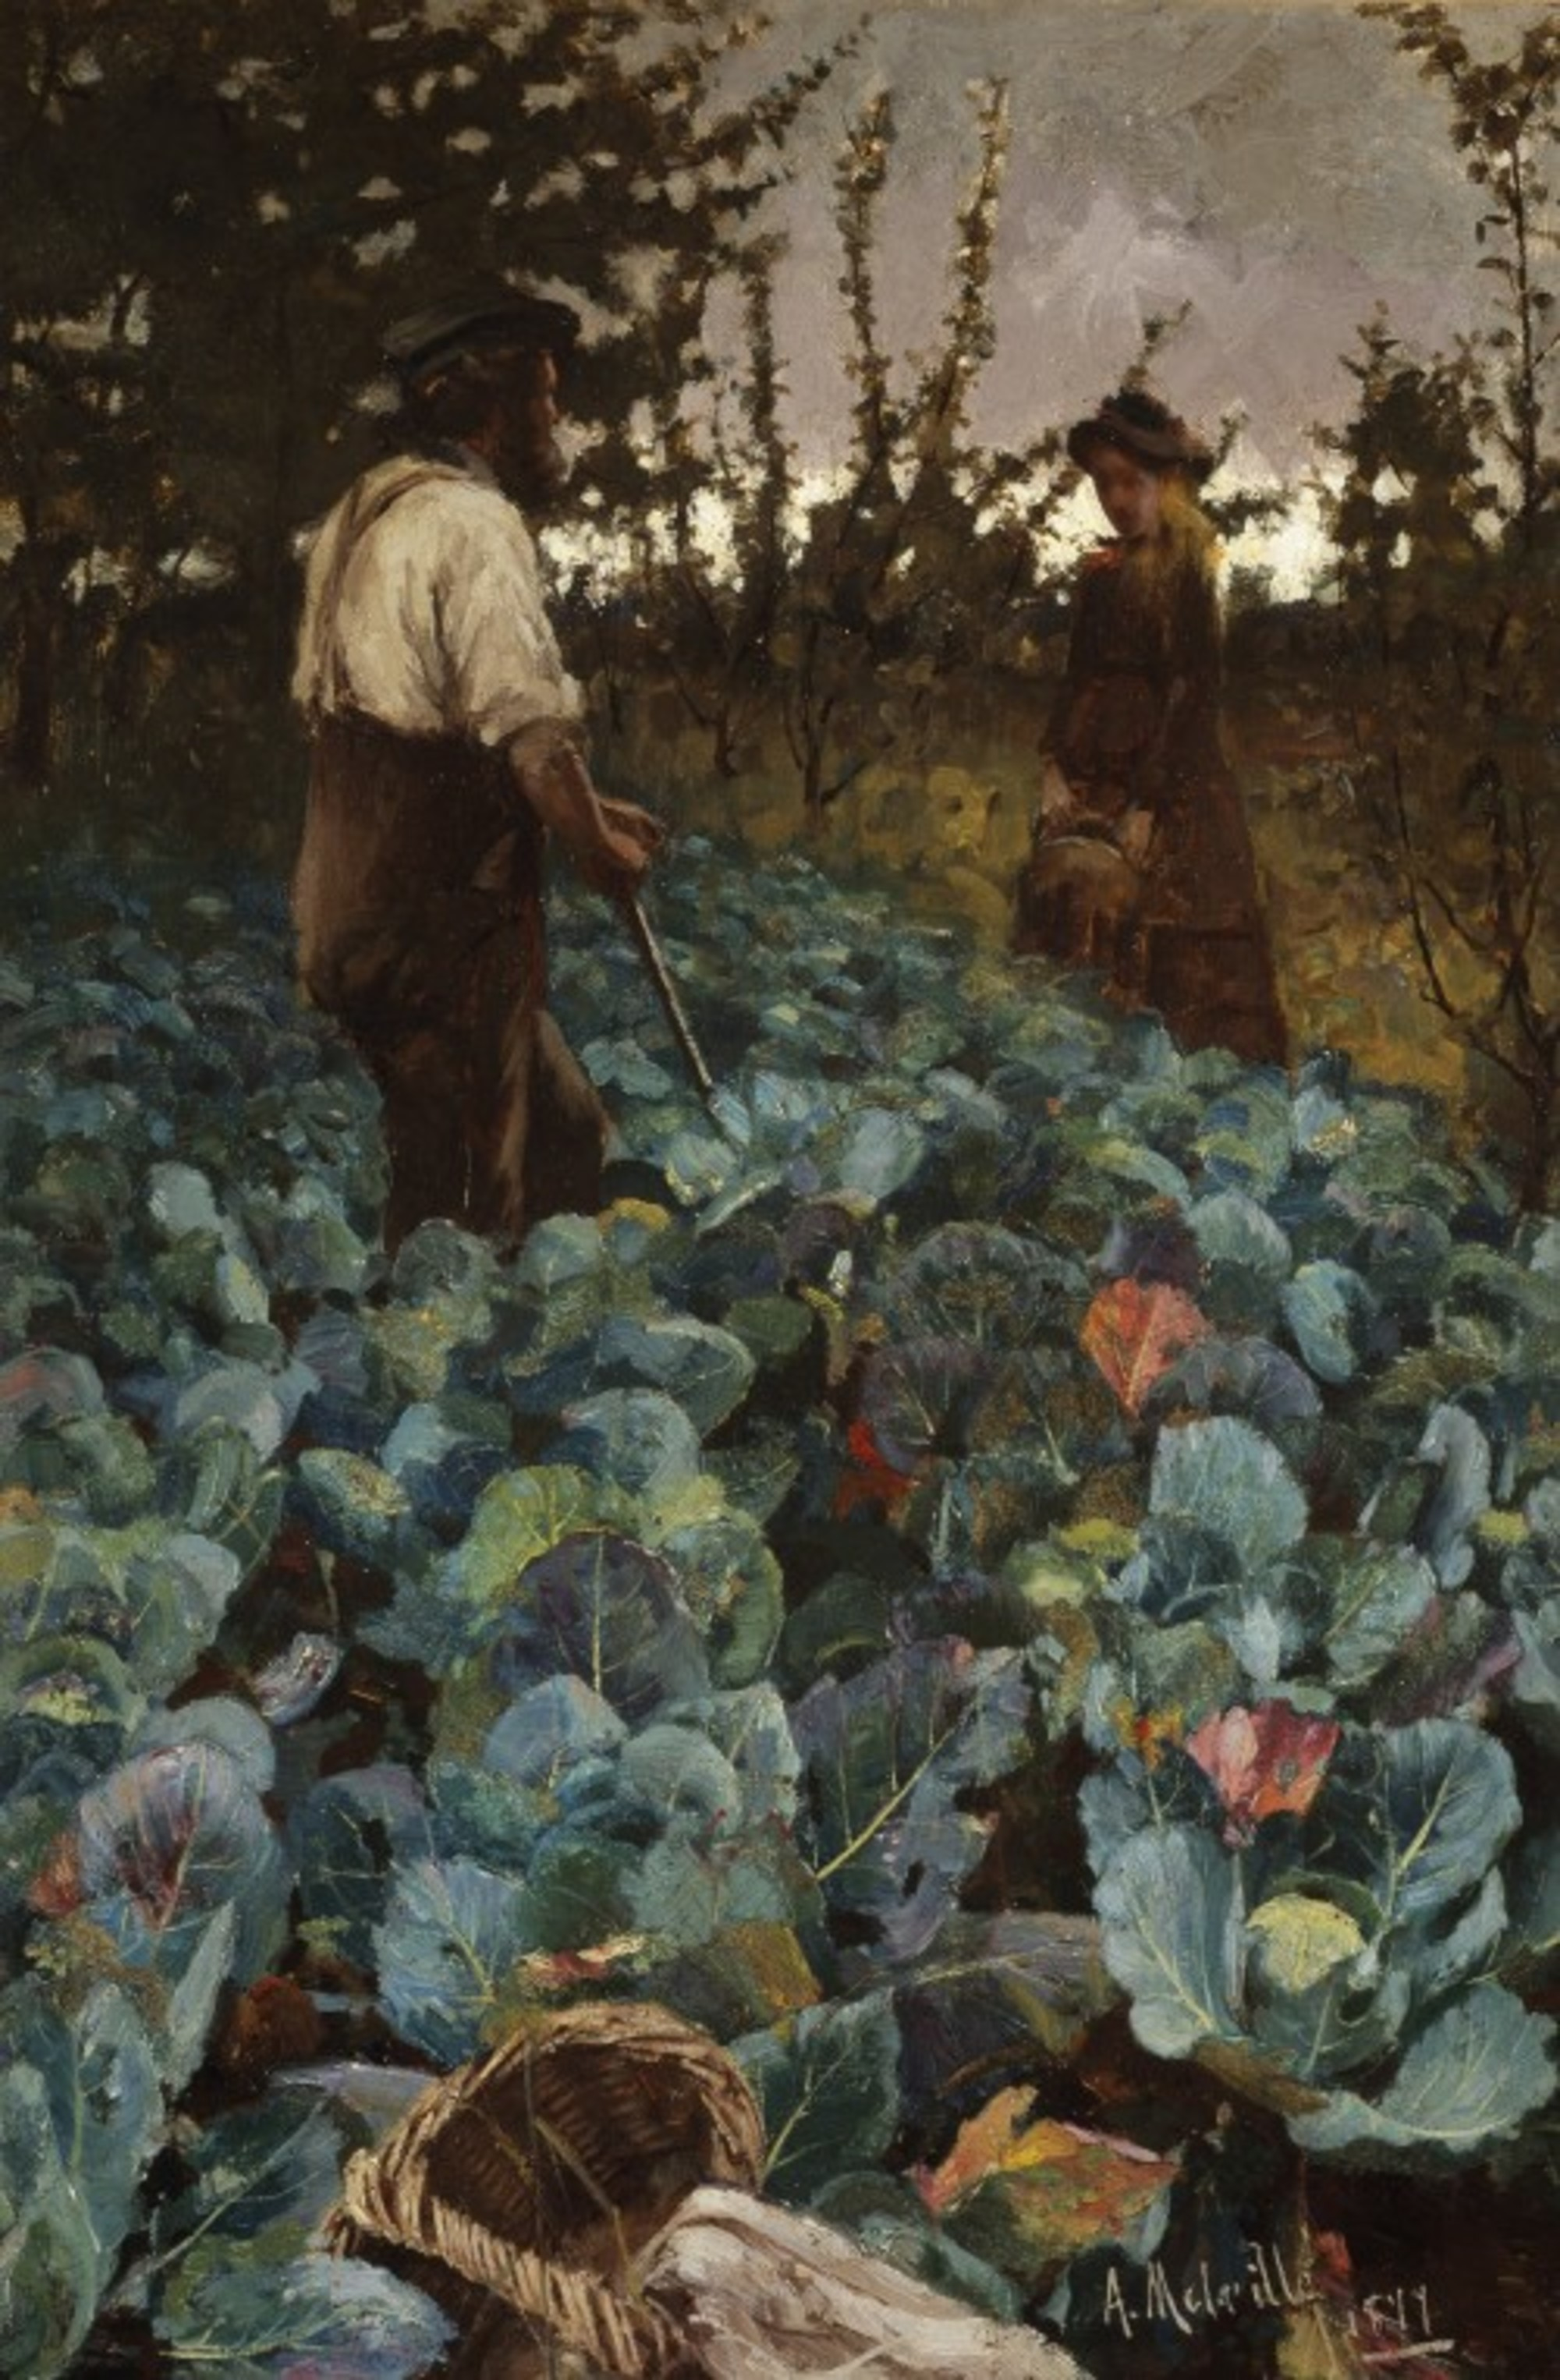 Arthur-Melville---A-Cabbage-Garden---Google-Art-Project.jpg